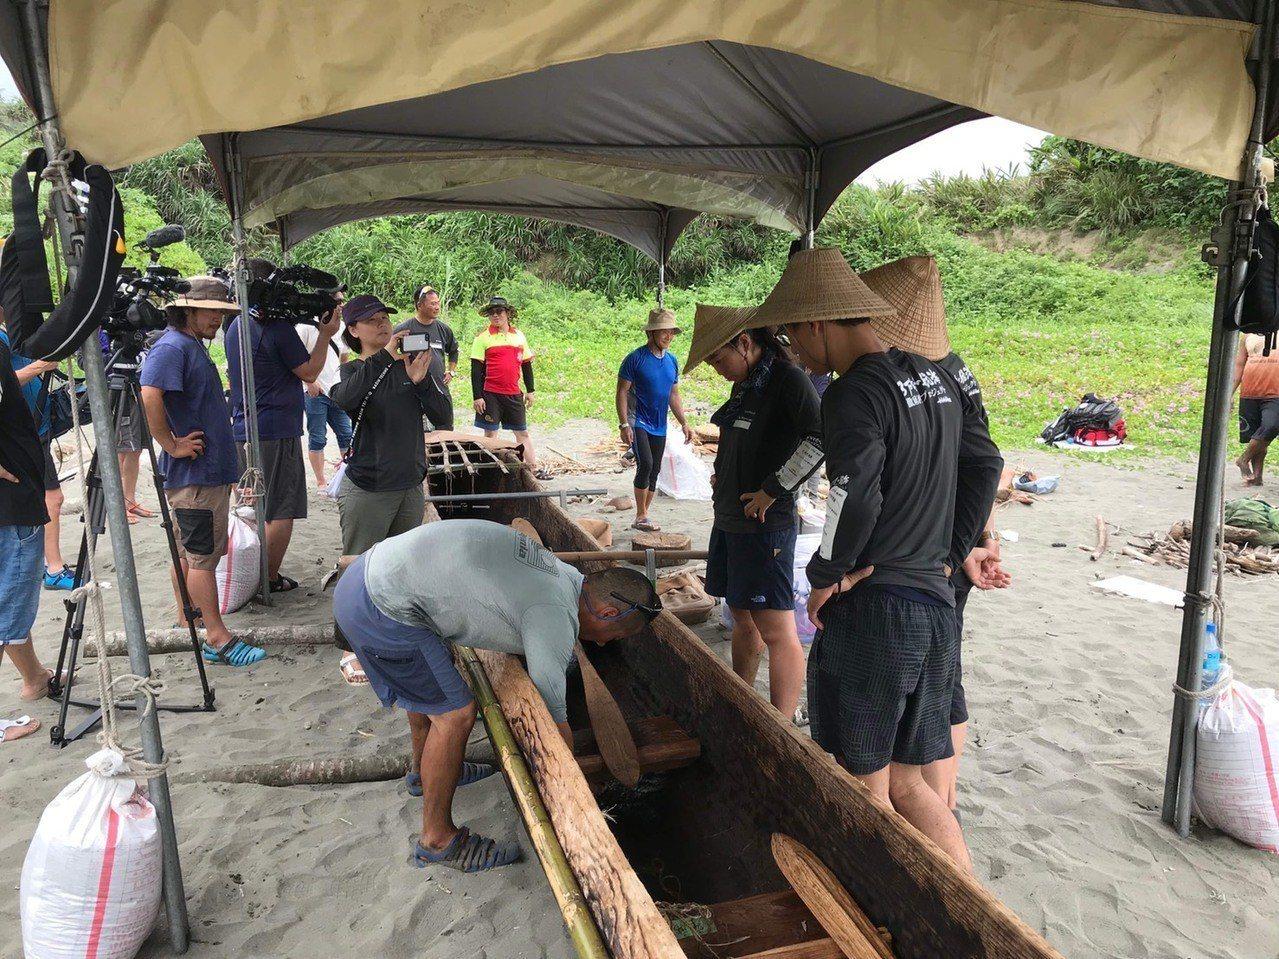 台、日研究團隊今天在長濱烏石鼻漁港區內整理獨木舟,為出發航向沖繩作準備,日本NH...